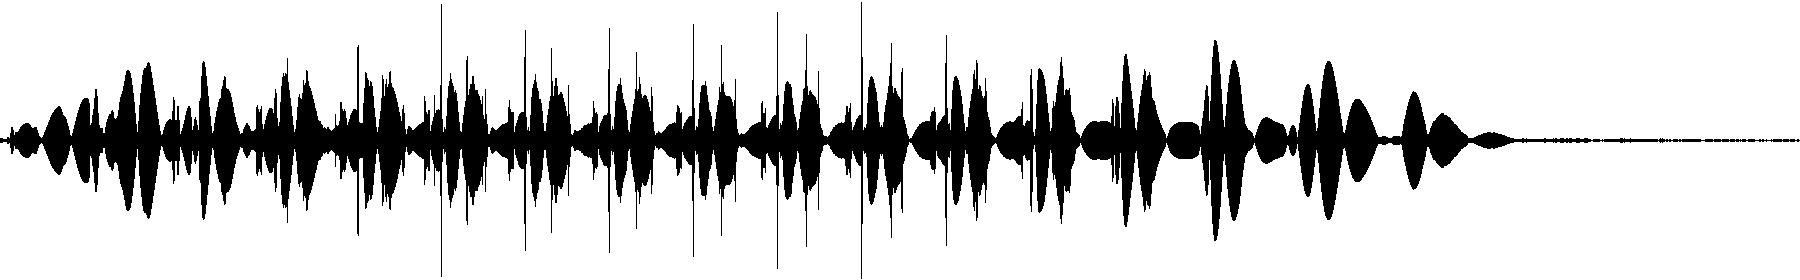 veh2 synths   035 c